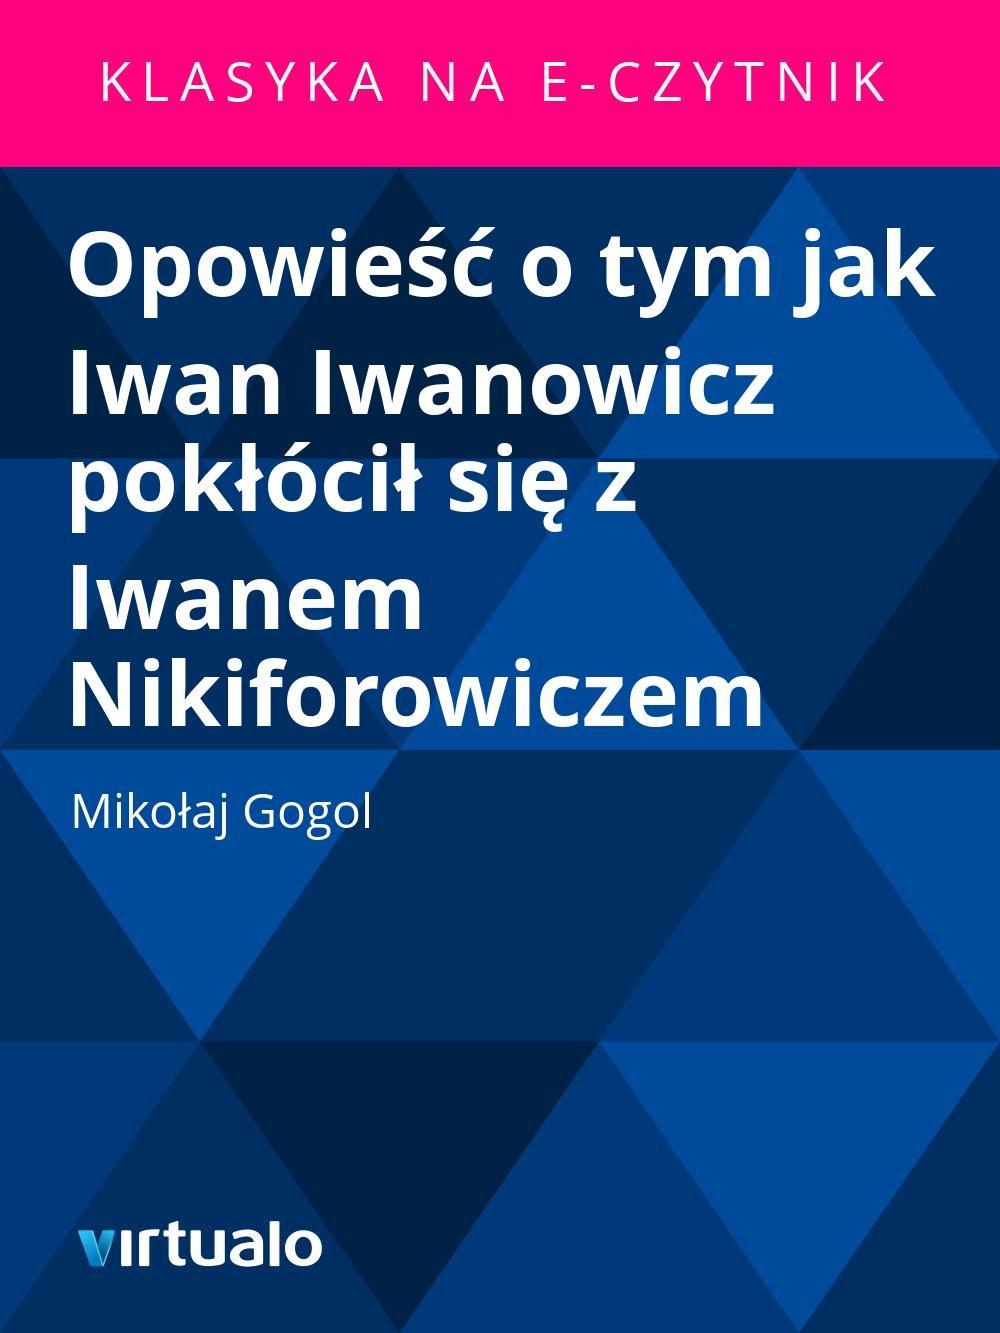 Opowieść o tym jak Iwan Iwanowicz pokłócił się z Iwanem Nikiforowiczem - Ebook (Książka EPUB) do pobrania w formacie EPUB